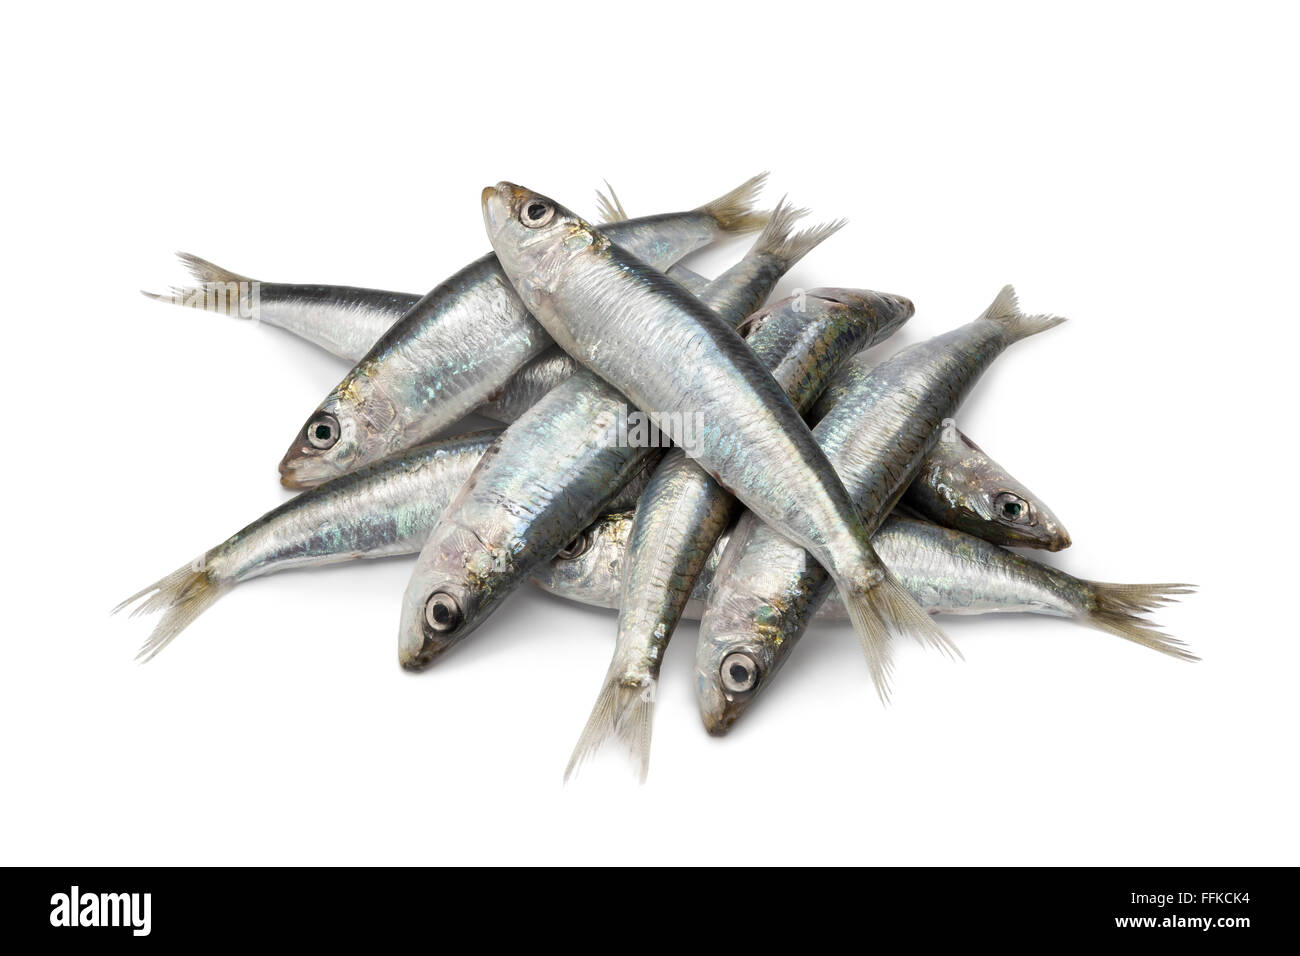 Fresh raw sardines on white background - Stock Image